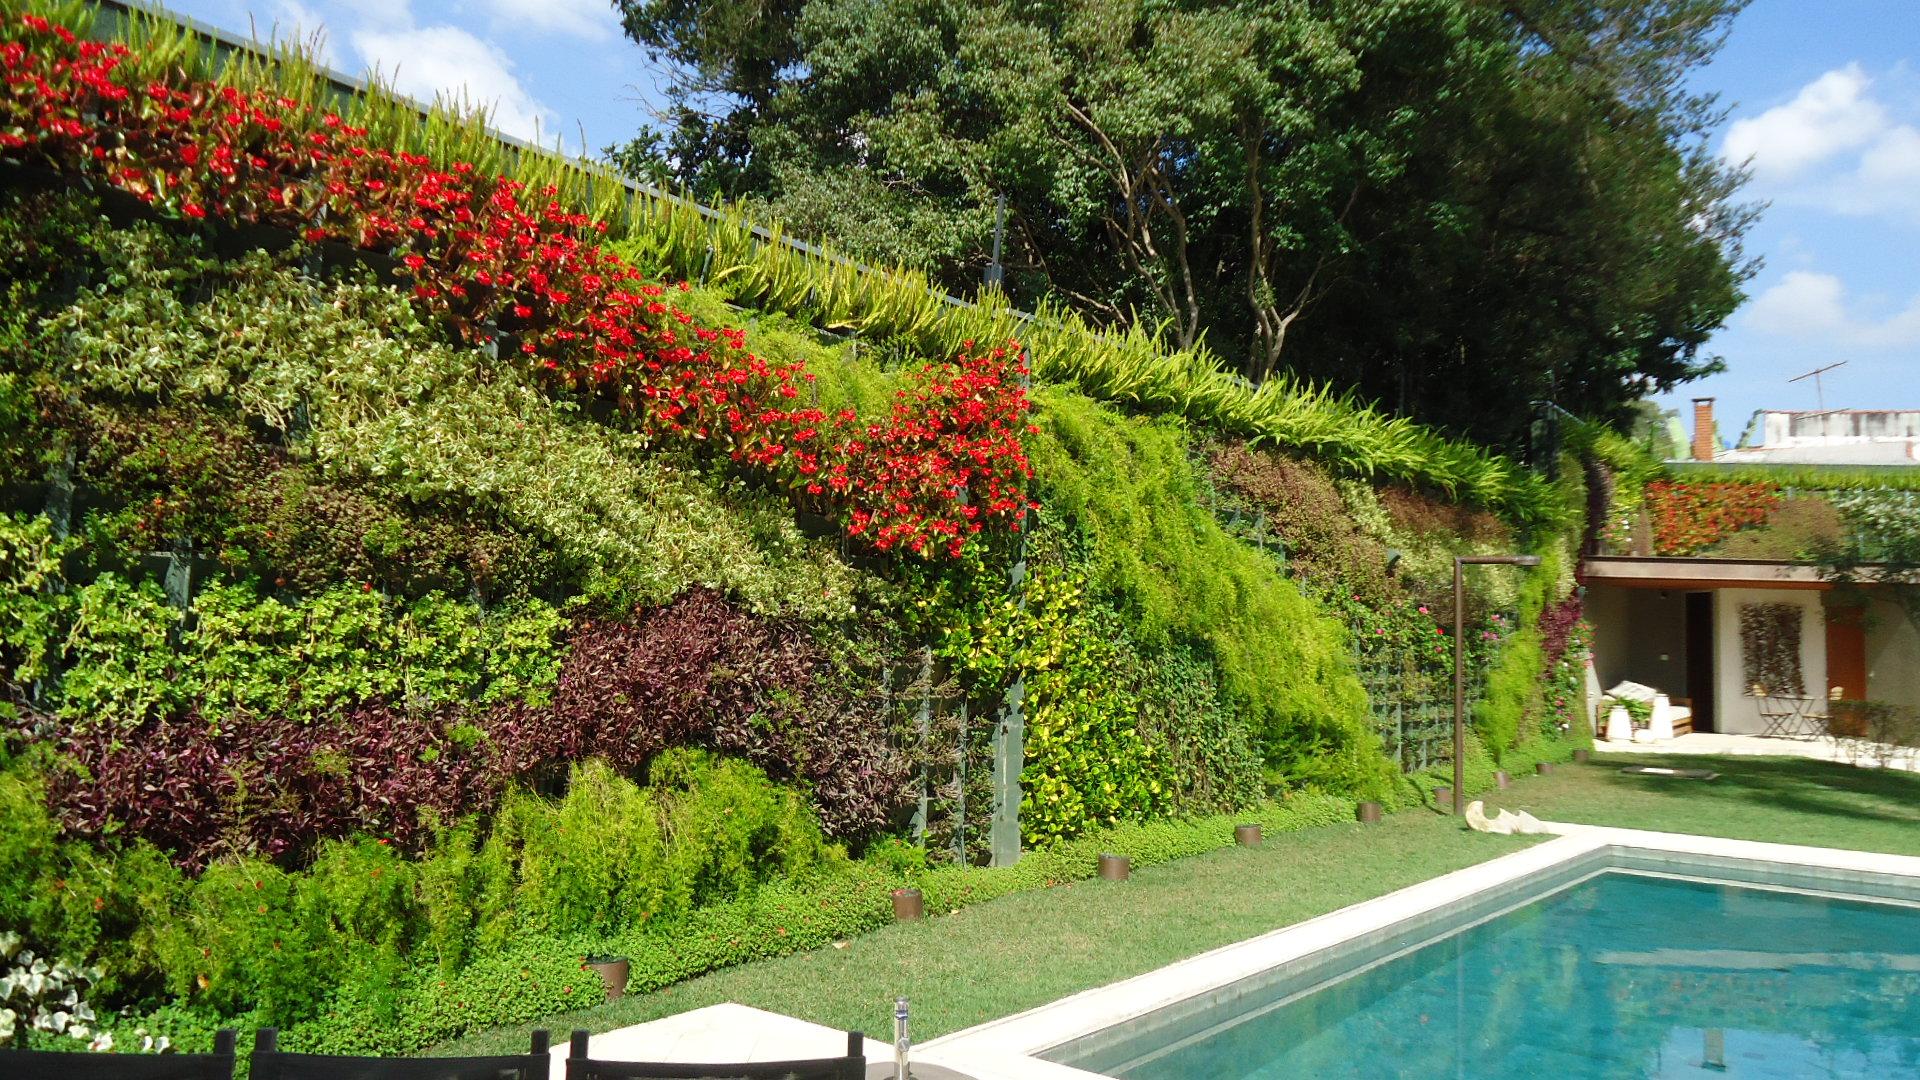 plantas de jardim lista:Imagem: Verde Uva – Paisagismo e manutenção